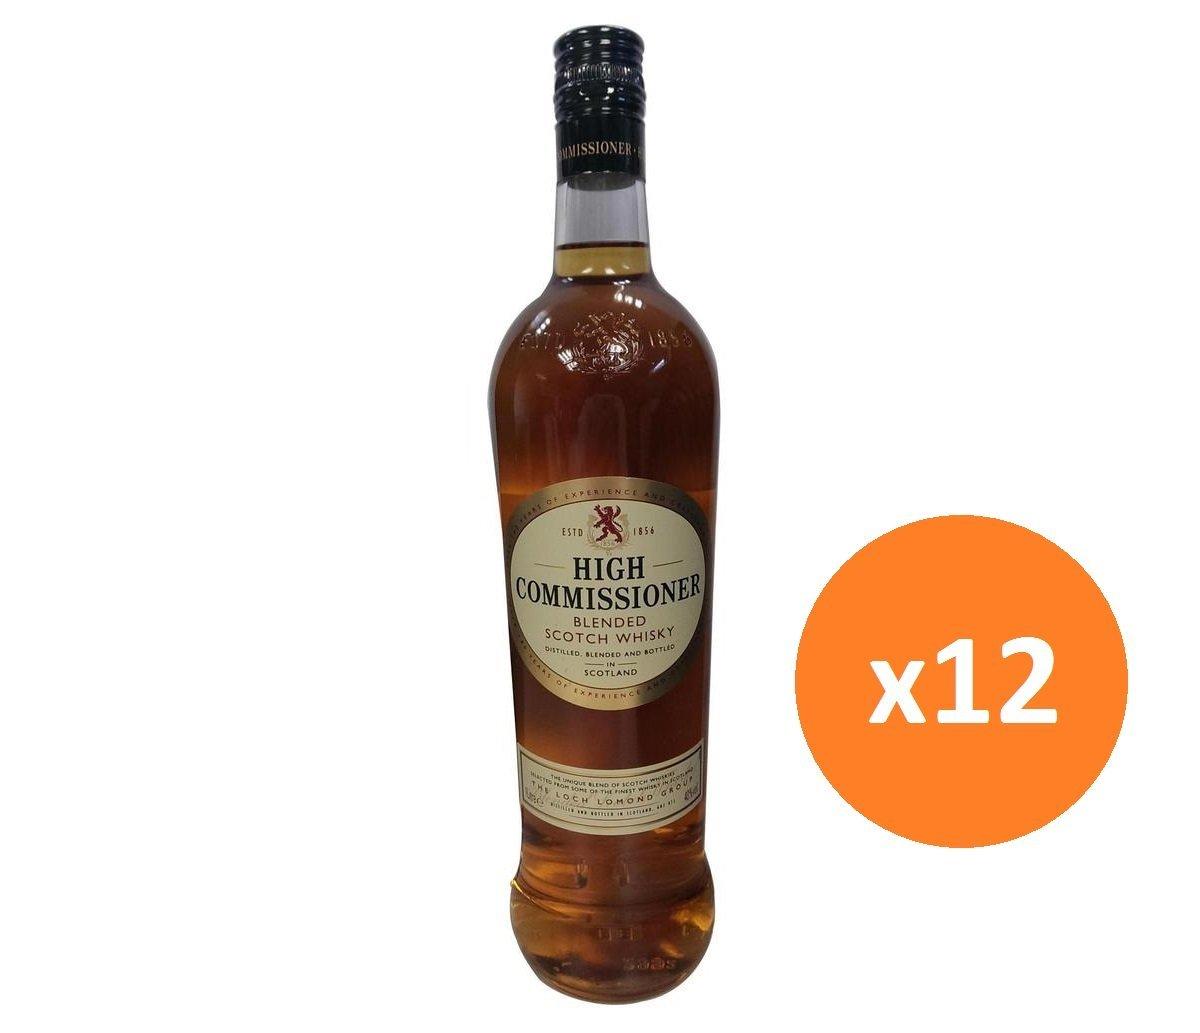 至尊蘇格蘭威士忌 1000毫升 40%酒精度 12支